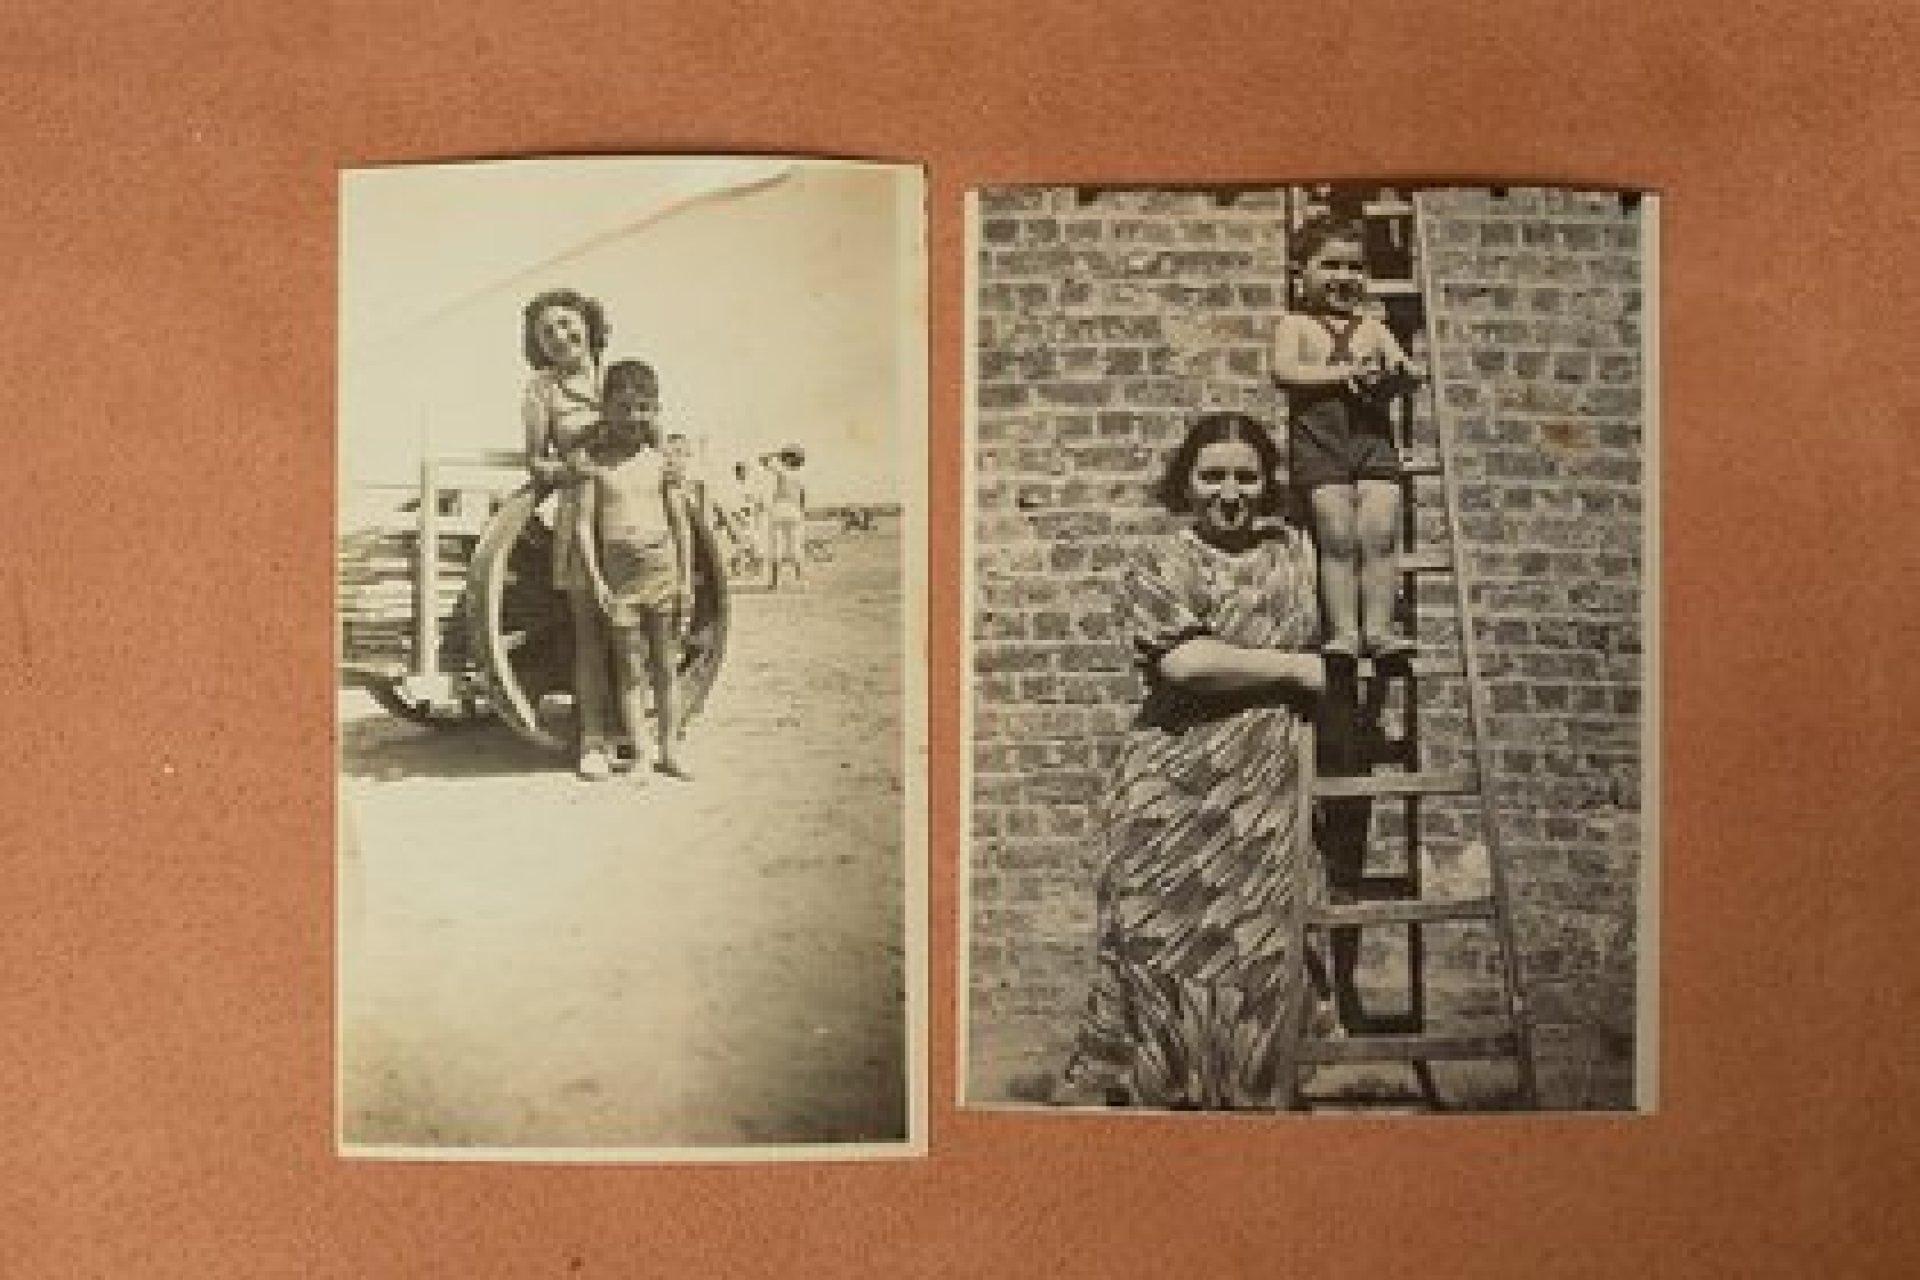 Fotografías de Gronowski con su hermana, Ita, a la izquierda, y su madre, a la derecha